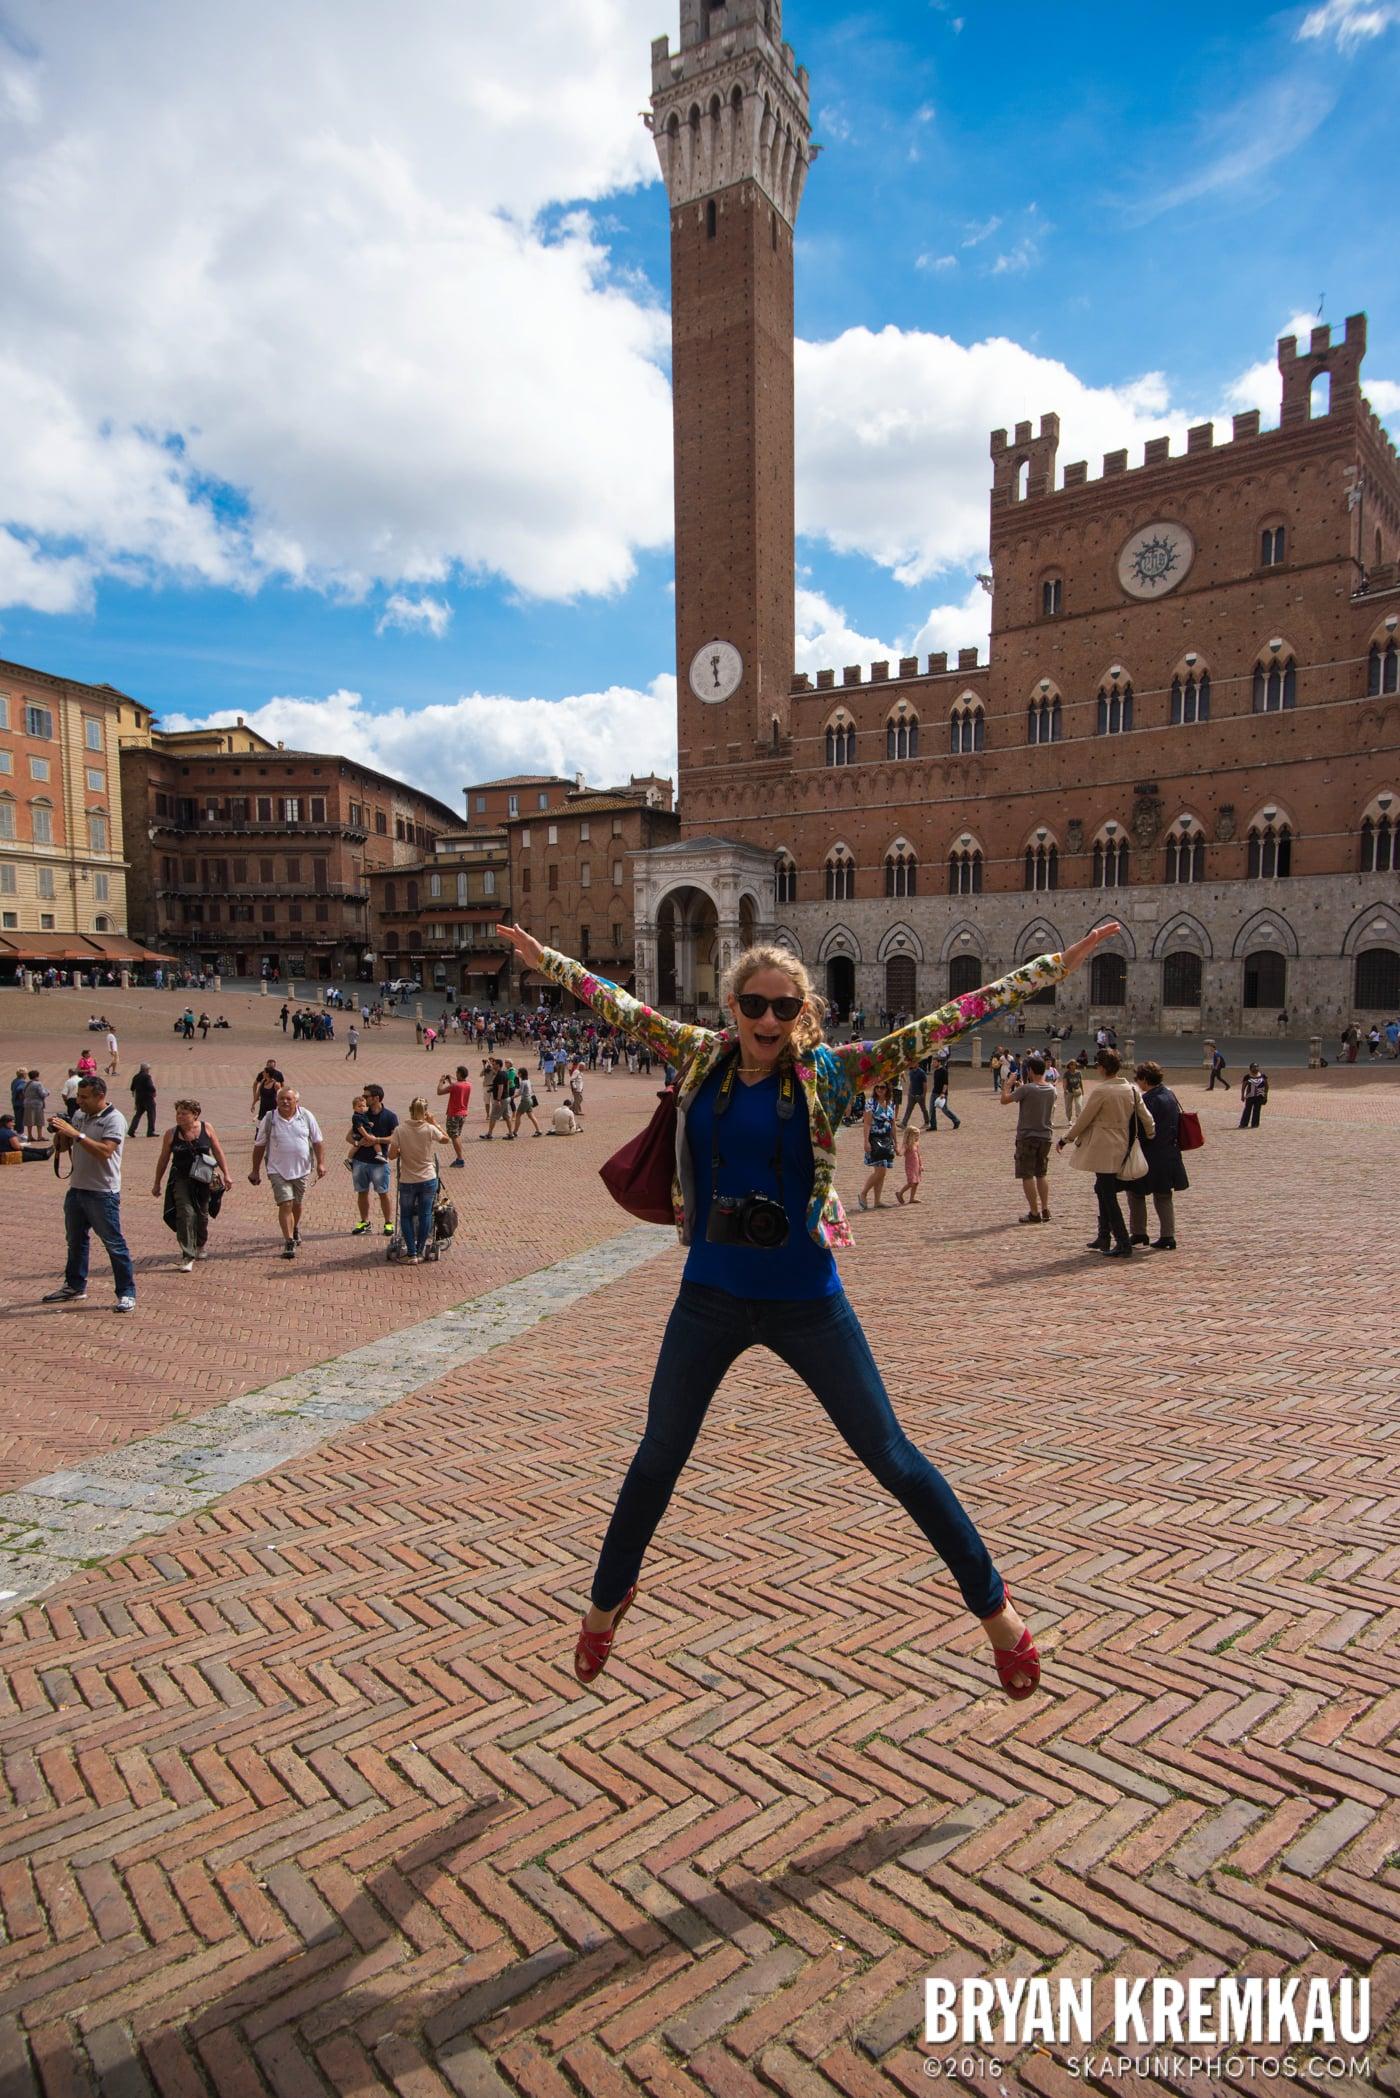 Italy Vacation - Day 8: Siena, San Gimignano, Chianti, Pisa - 9.16.13 (116)